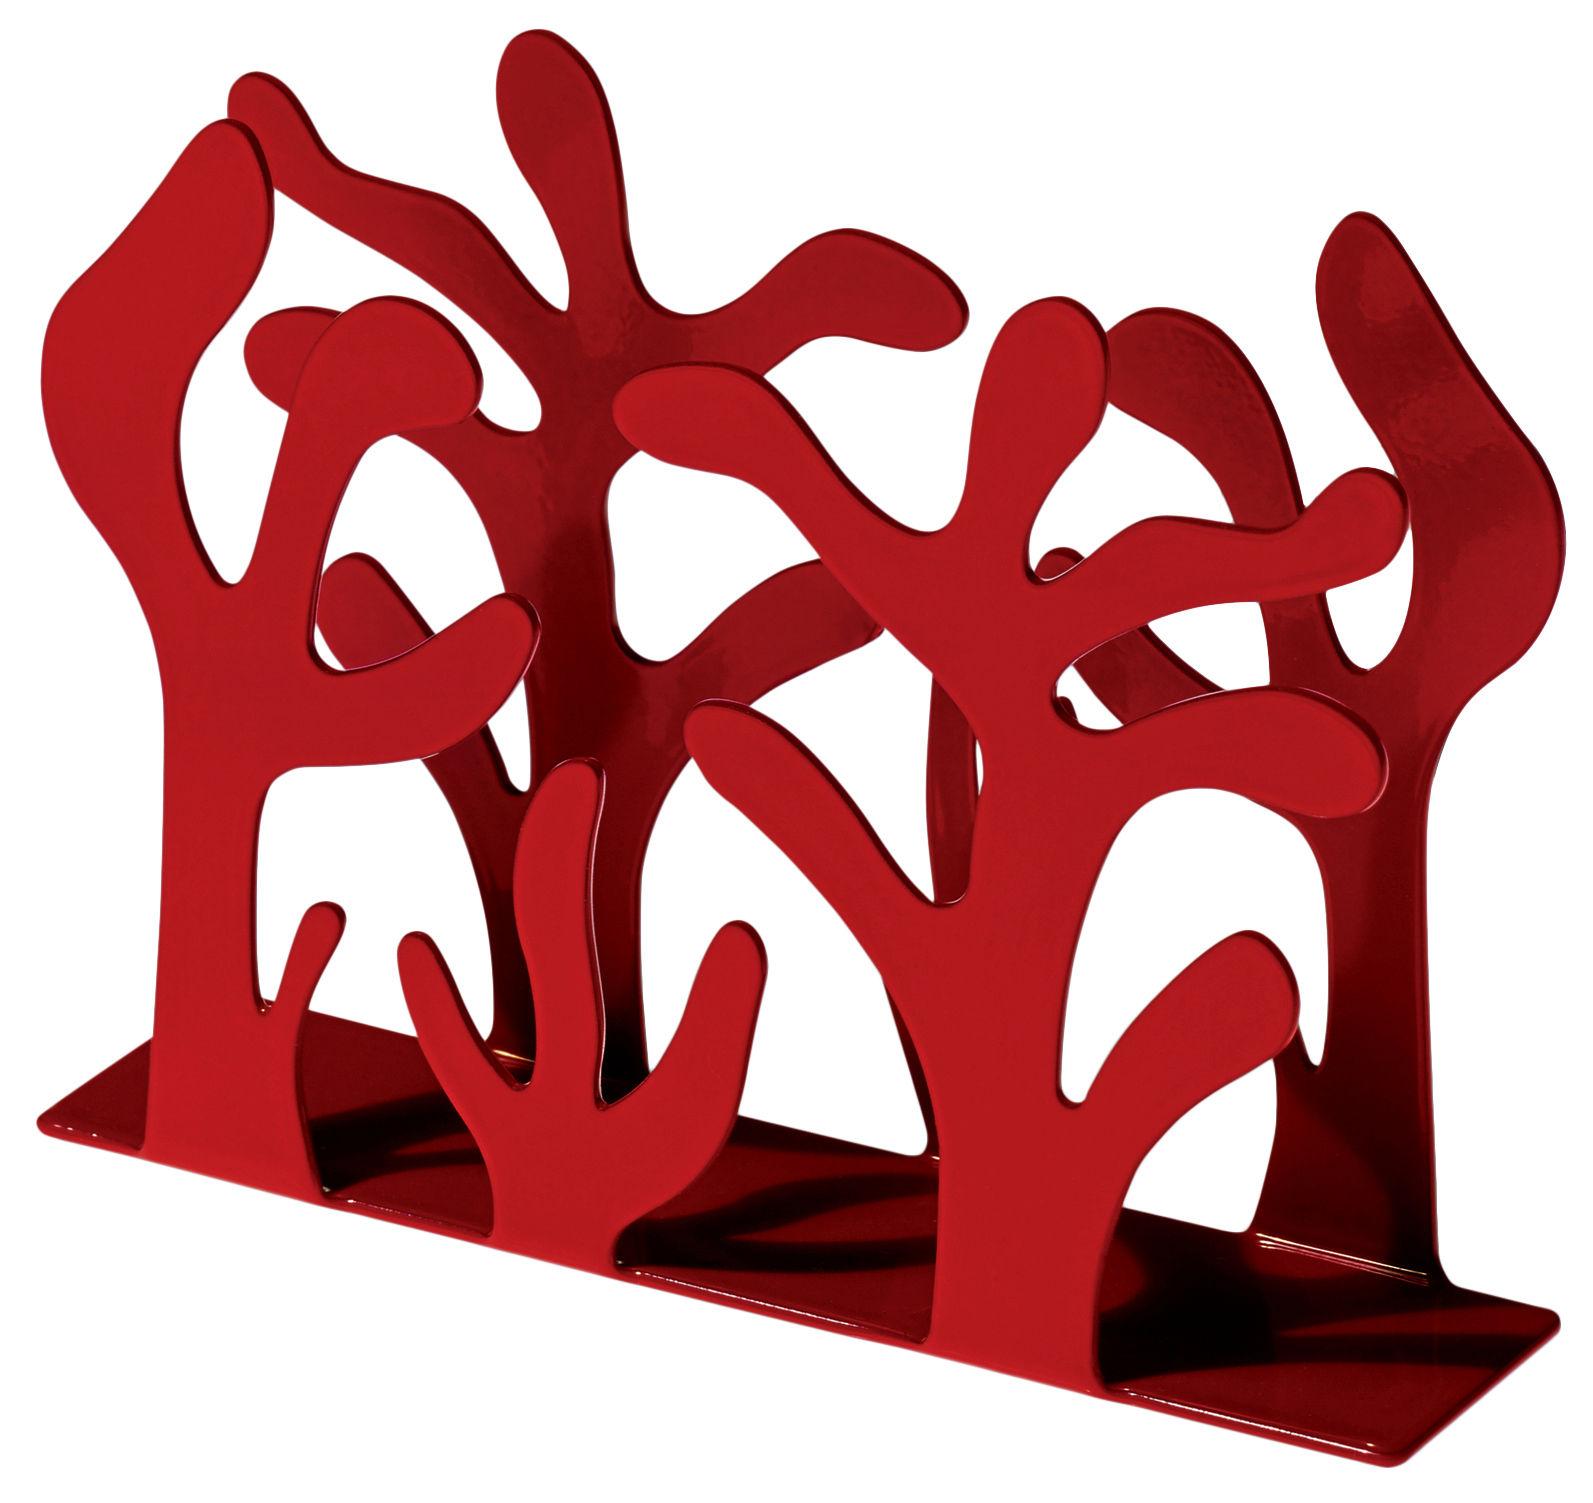 Küche - Einfach praktisch - Mediterraneo Serviettenhalter - Alessi - Rot - Stahl